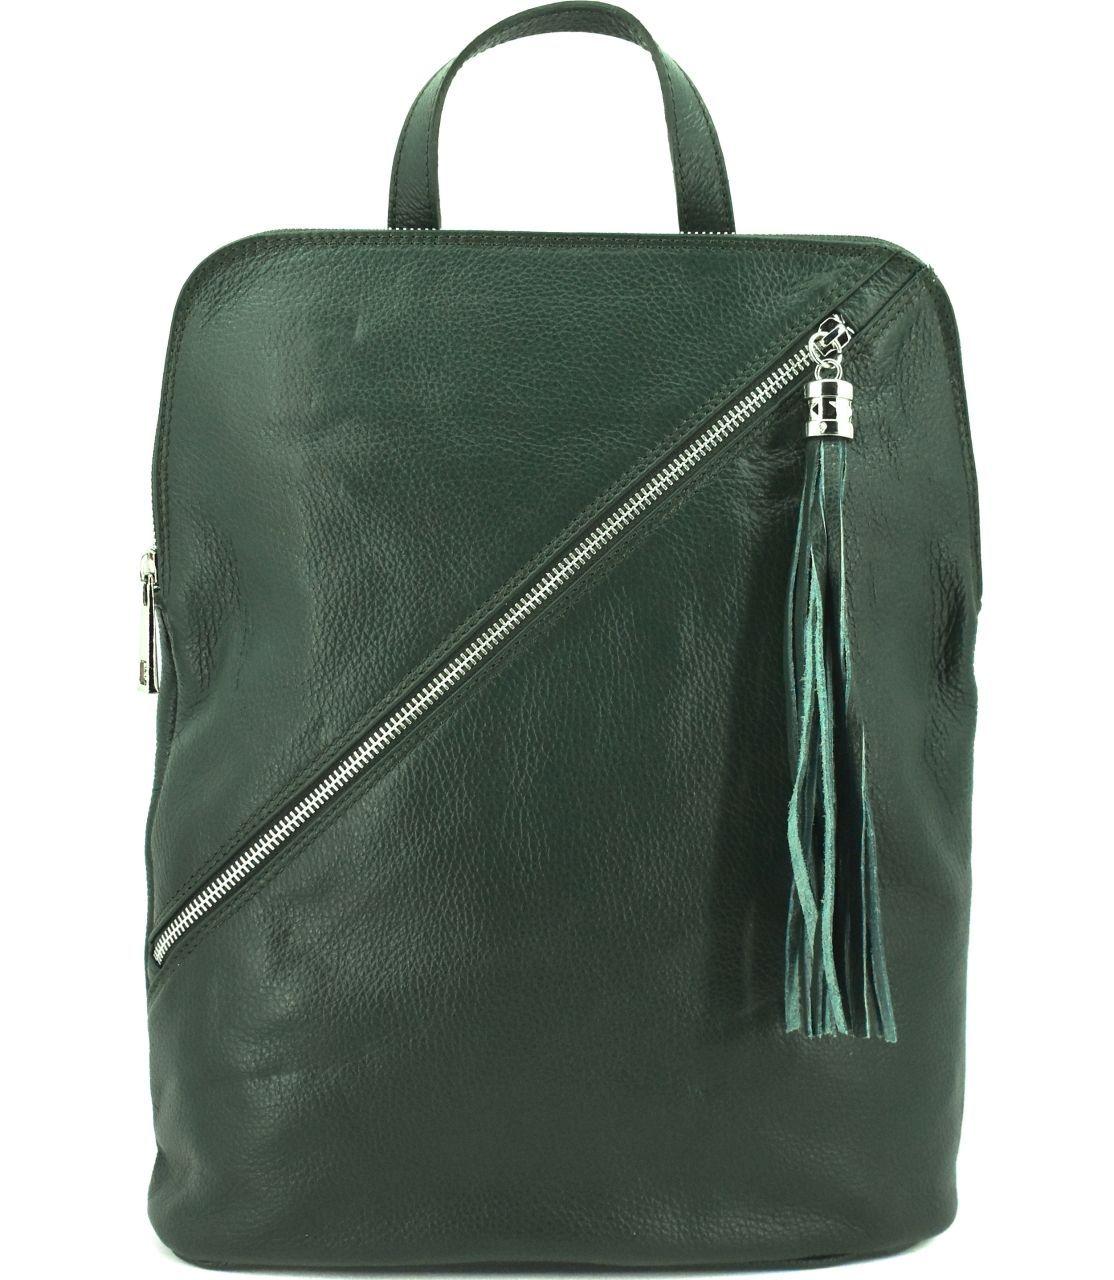 Dámský kožený batoh a kabelka v jednom /Arteddy - tmavě zelená 36932